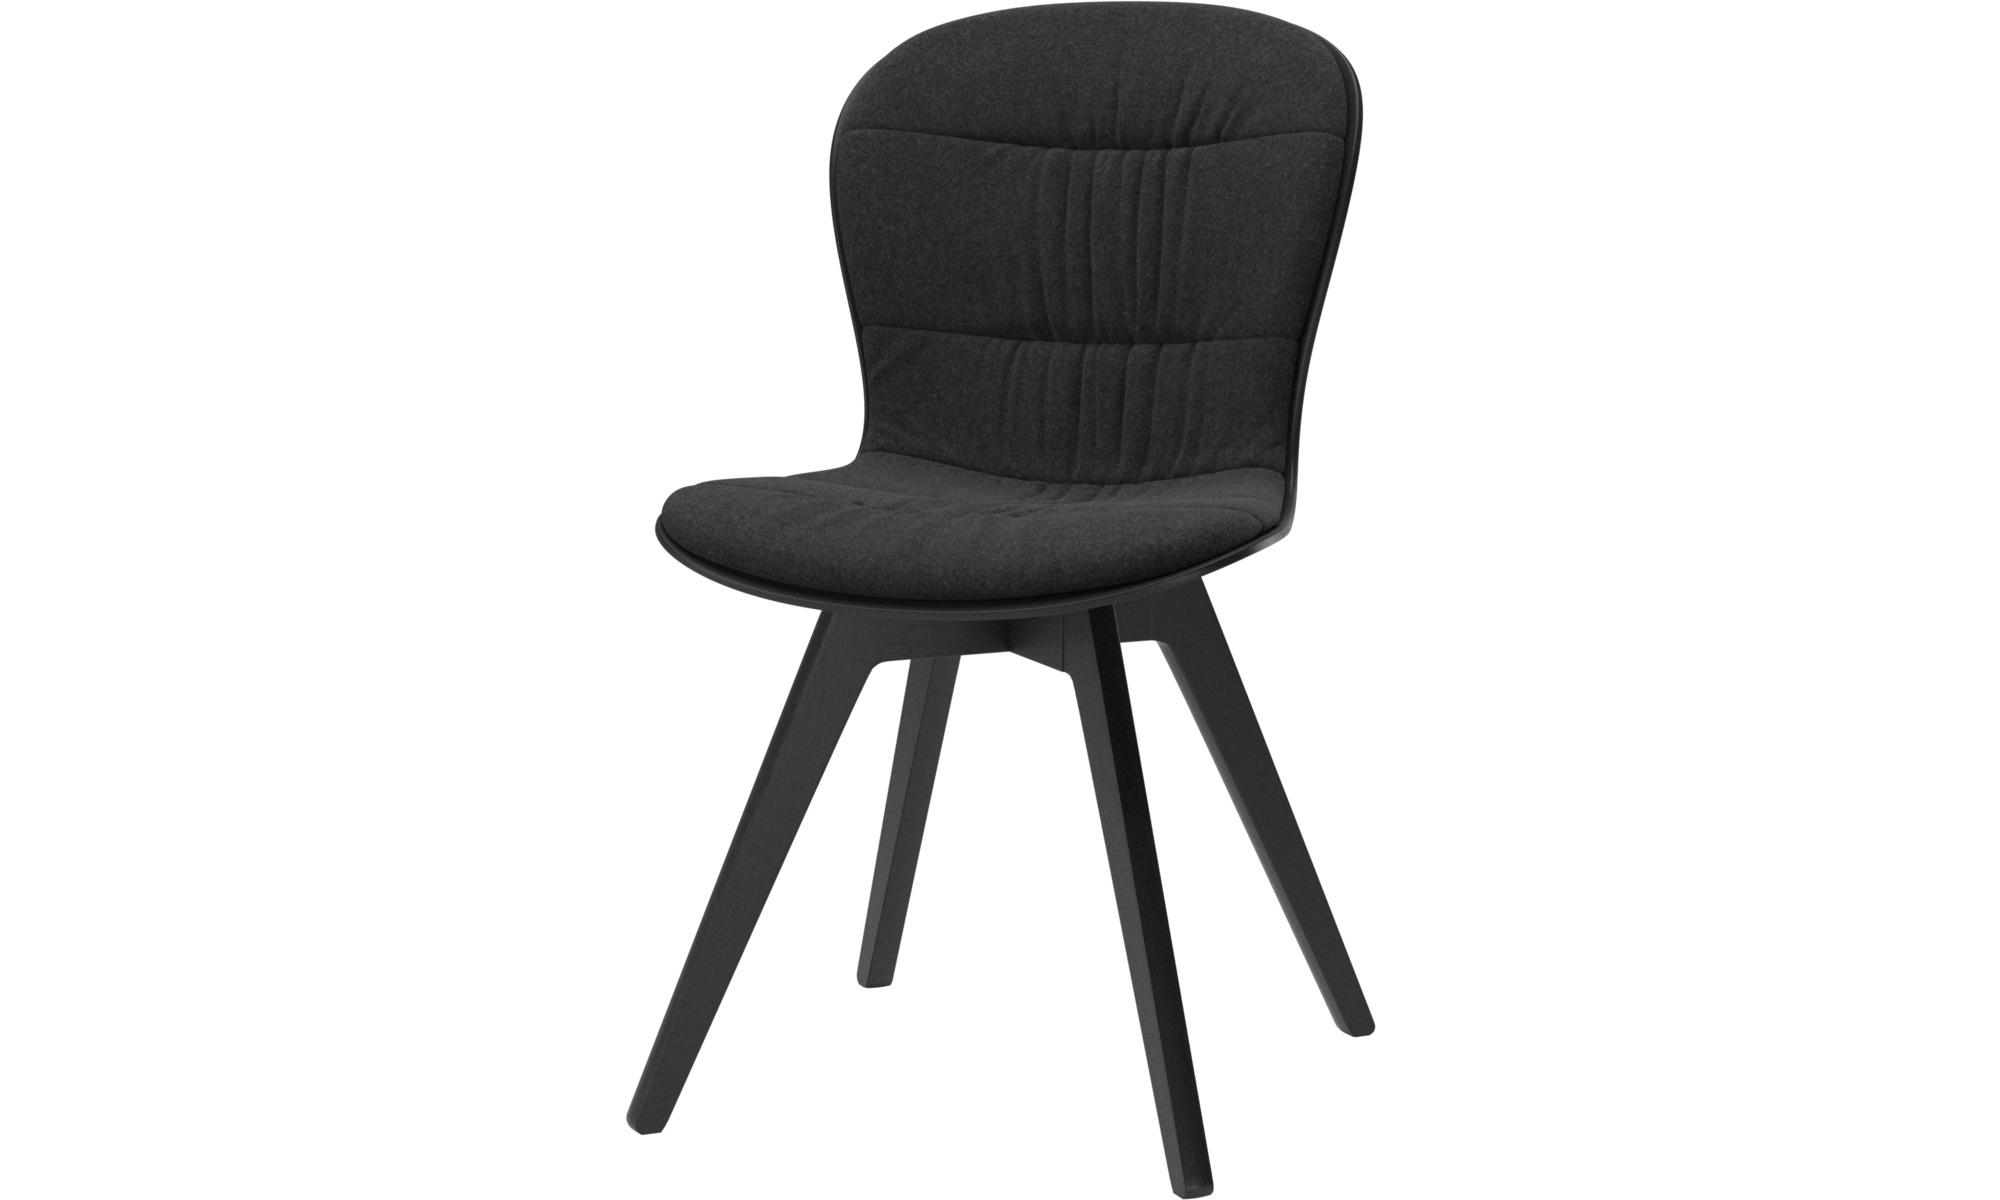 Einzigartig Stuhl Stoff Grau Beste Wahl Esszimmerstühle - Adelaide - -